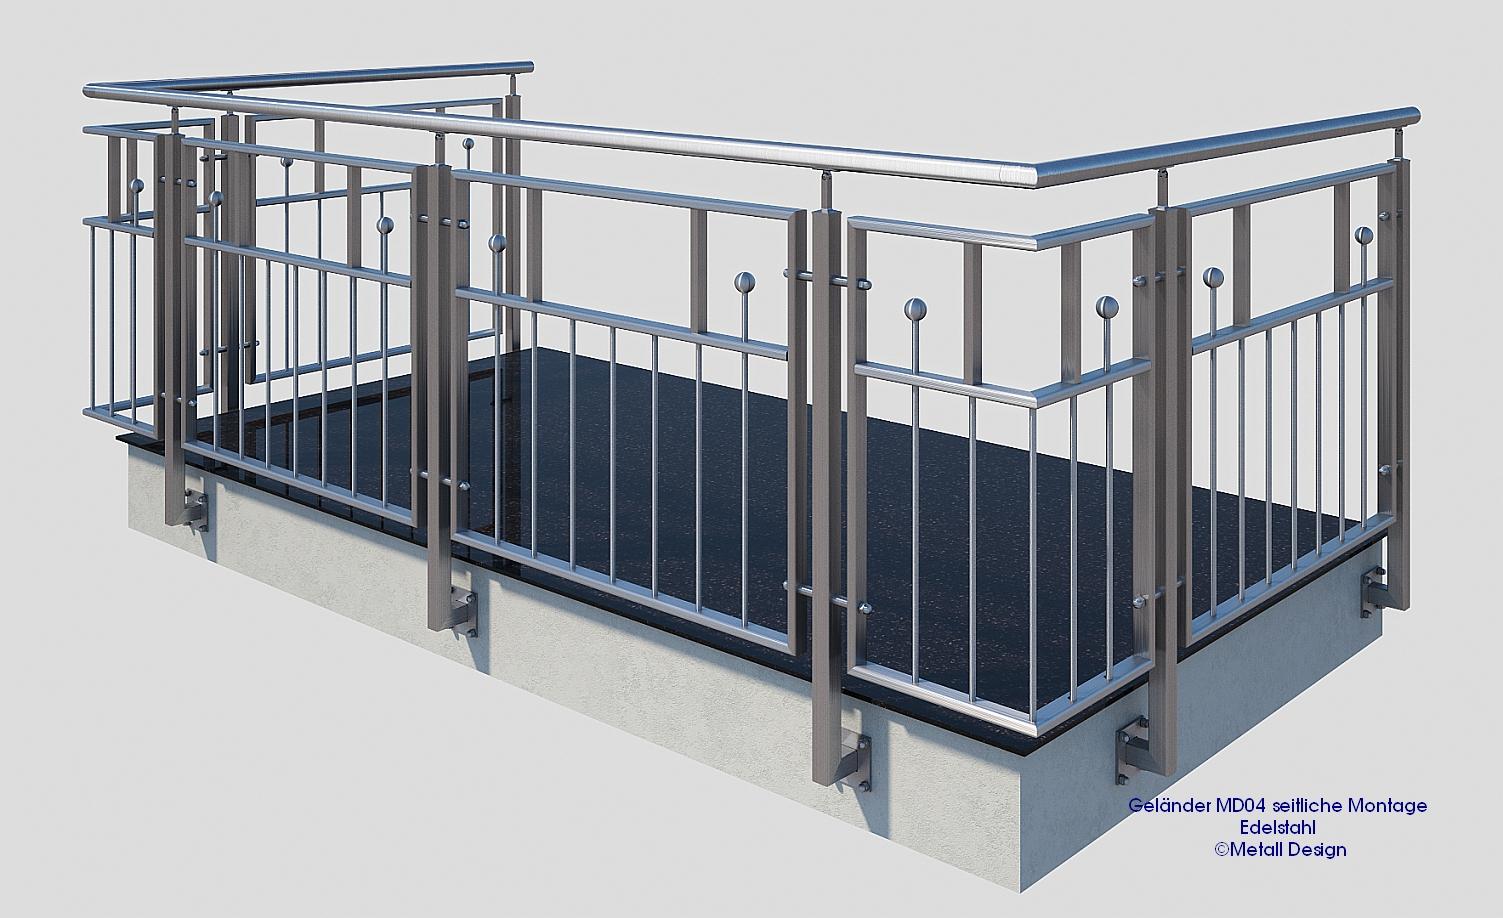 franz sischer balkon edelstahl md04a design shop baalcke ihr handlauf gel nder und. Black Bedroom Furniture Sets. Home Design Ideas